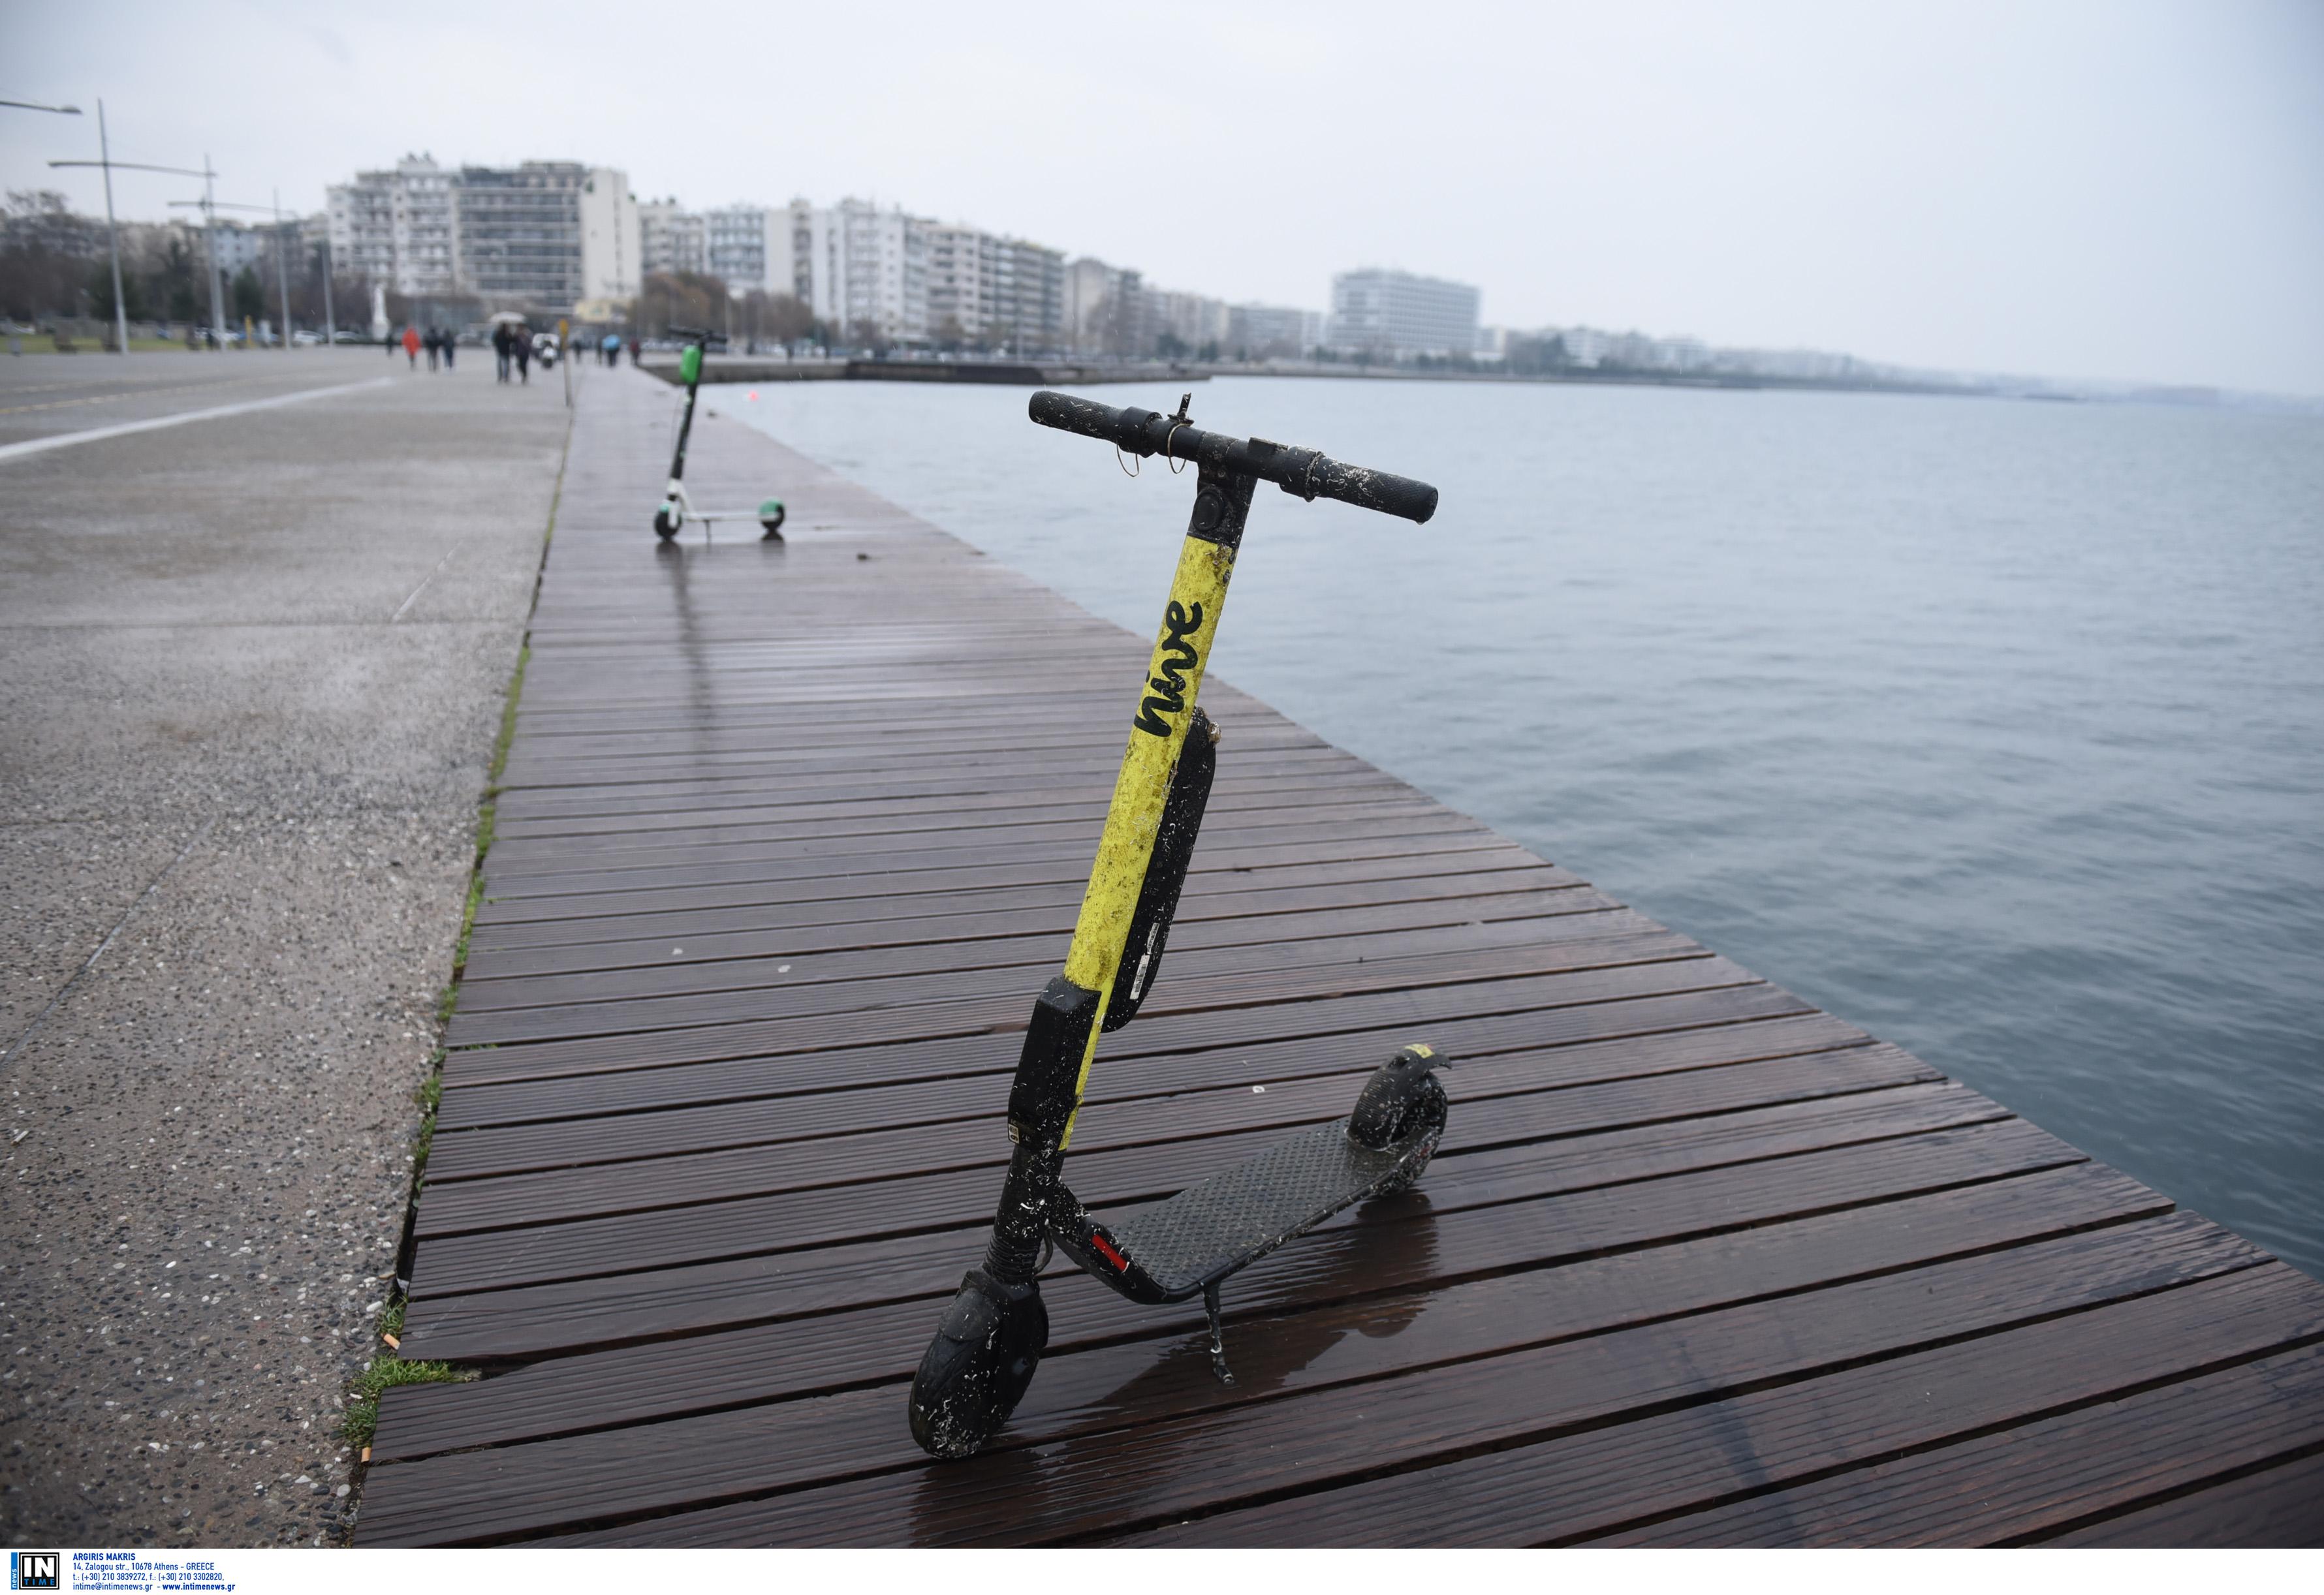 Θεσσαλονίκη: Η πτώση στη στάθμη της θάλασσας του Θερμαϊκού φανέρωσε εικόνες που μαγνήτισαν όλα τα βλέμματα